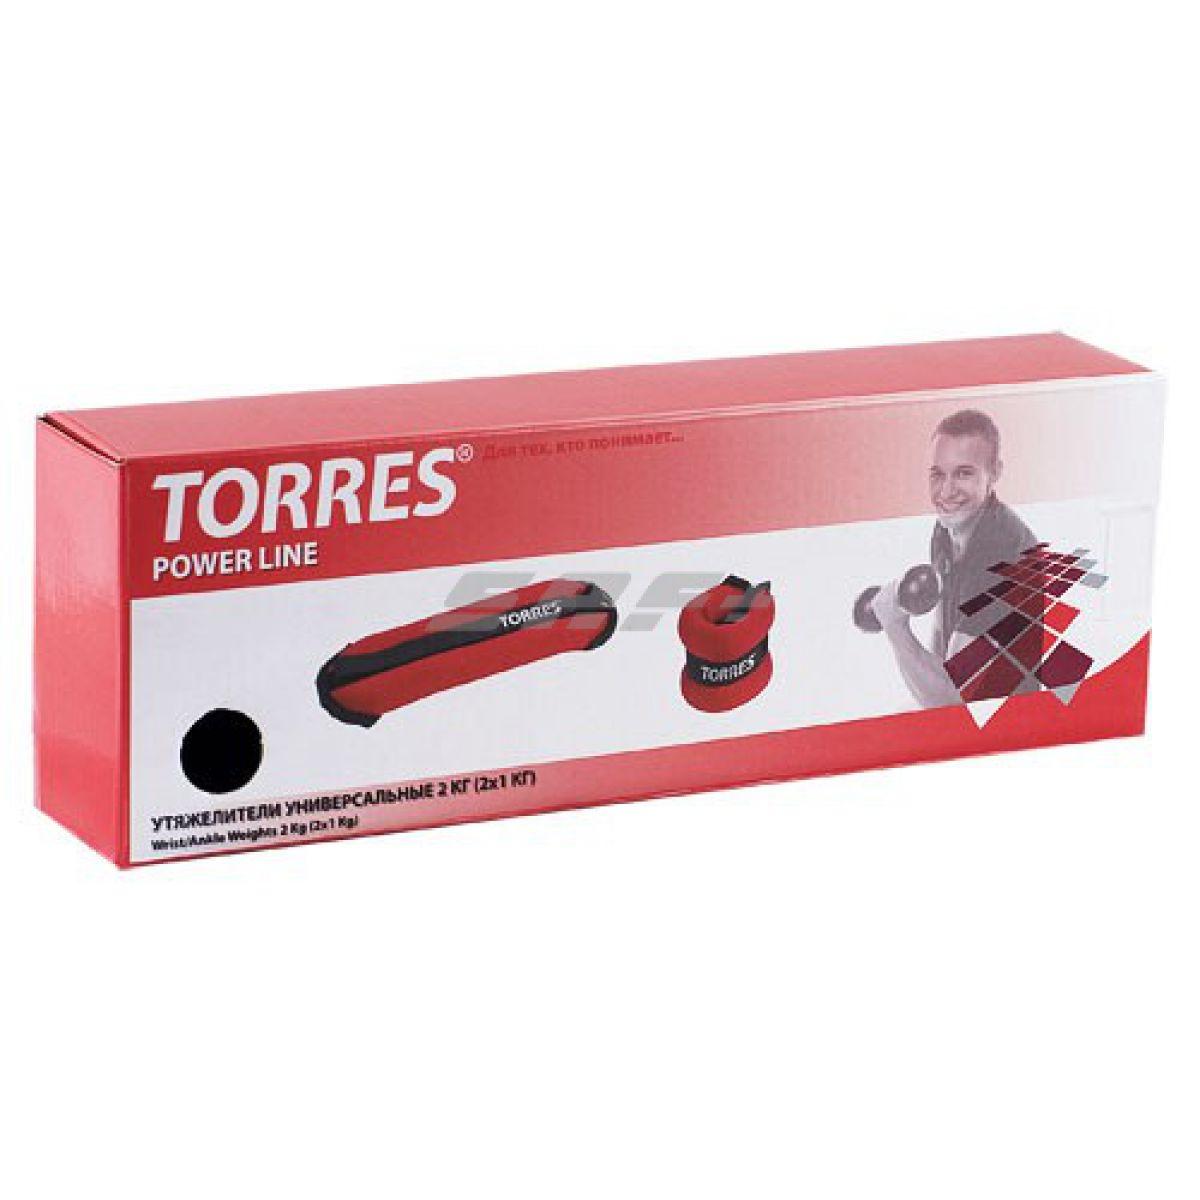 TORRES Утяжелители универсальные 2 кг